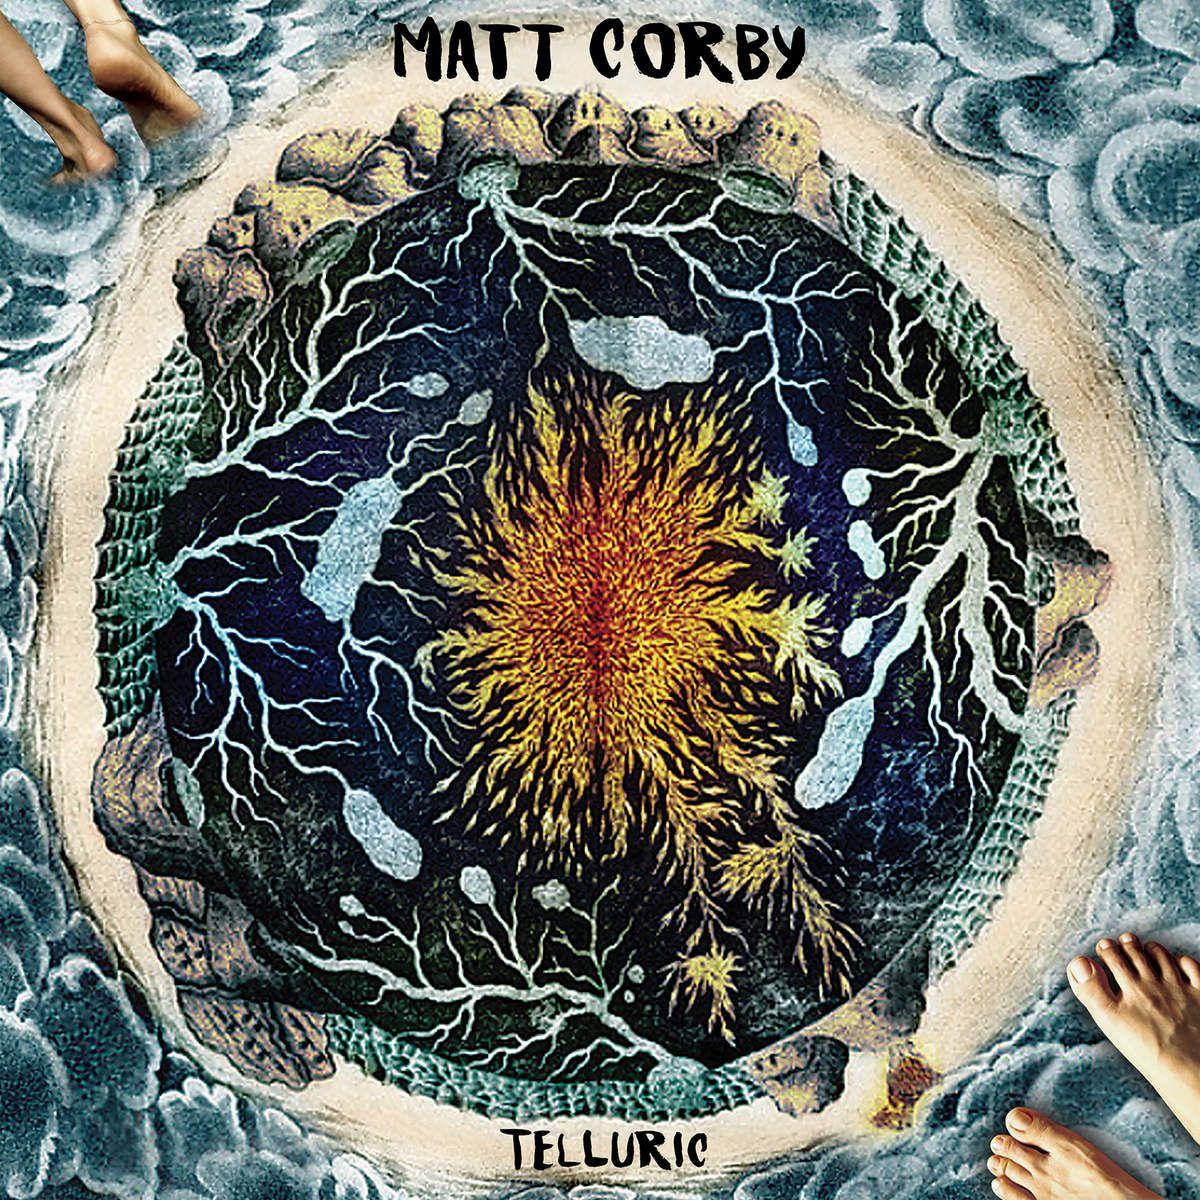 Telluric Matt Corby Music Matt Corby Google Play Music Music